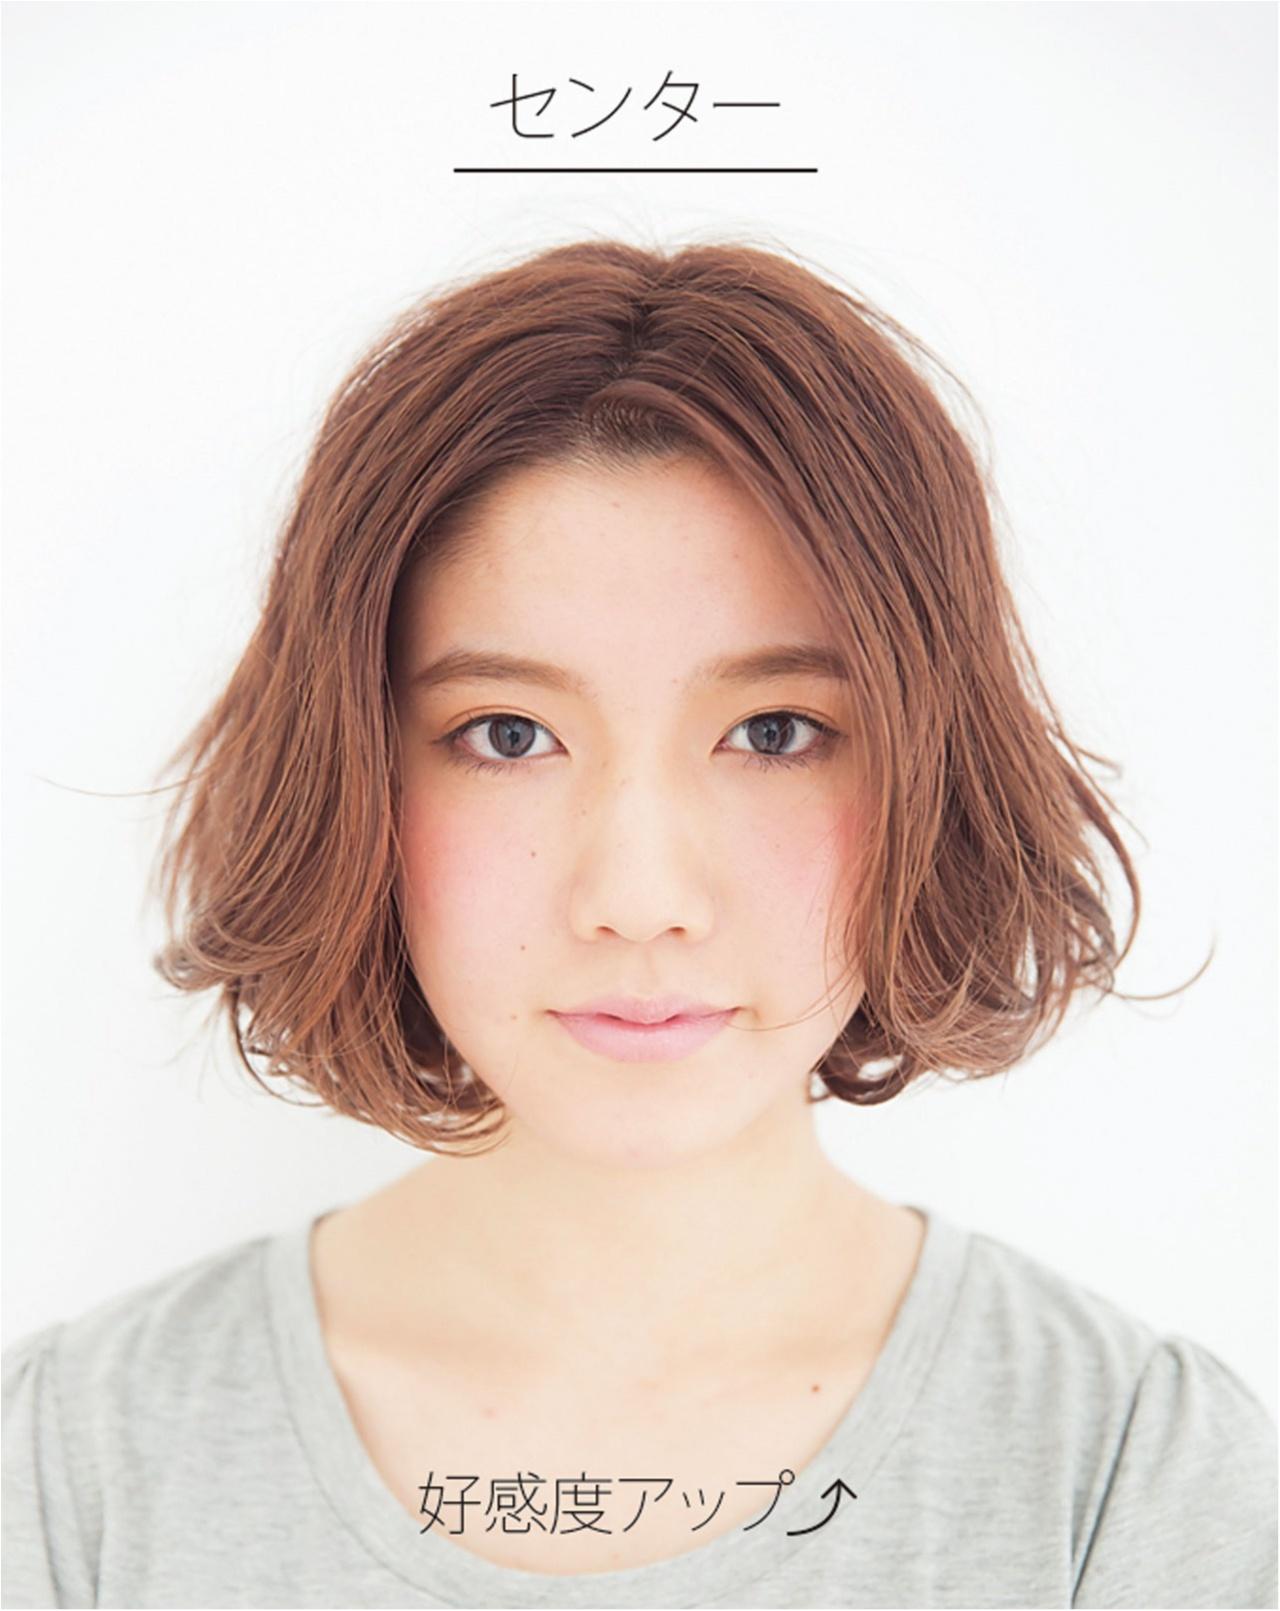 印象アップせよ! 大人女子のための「本当に似合う前髪」の見つけ方_7